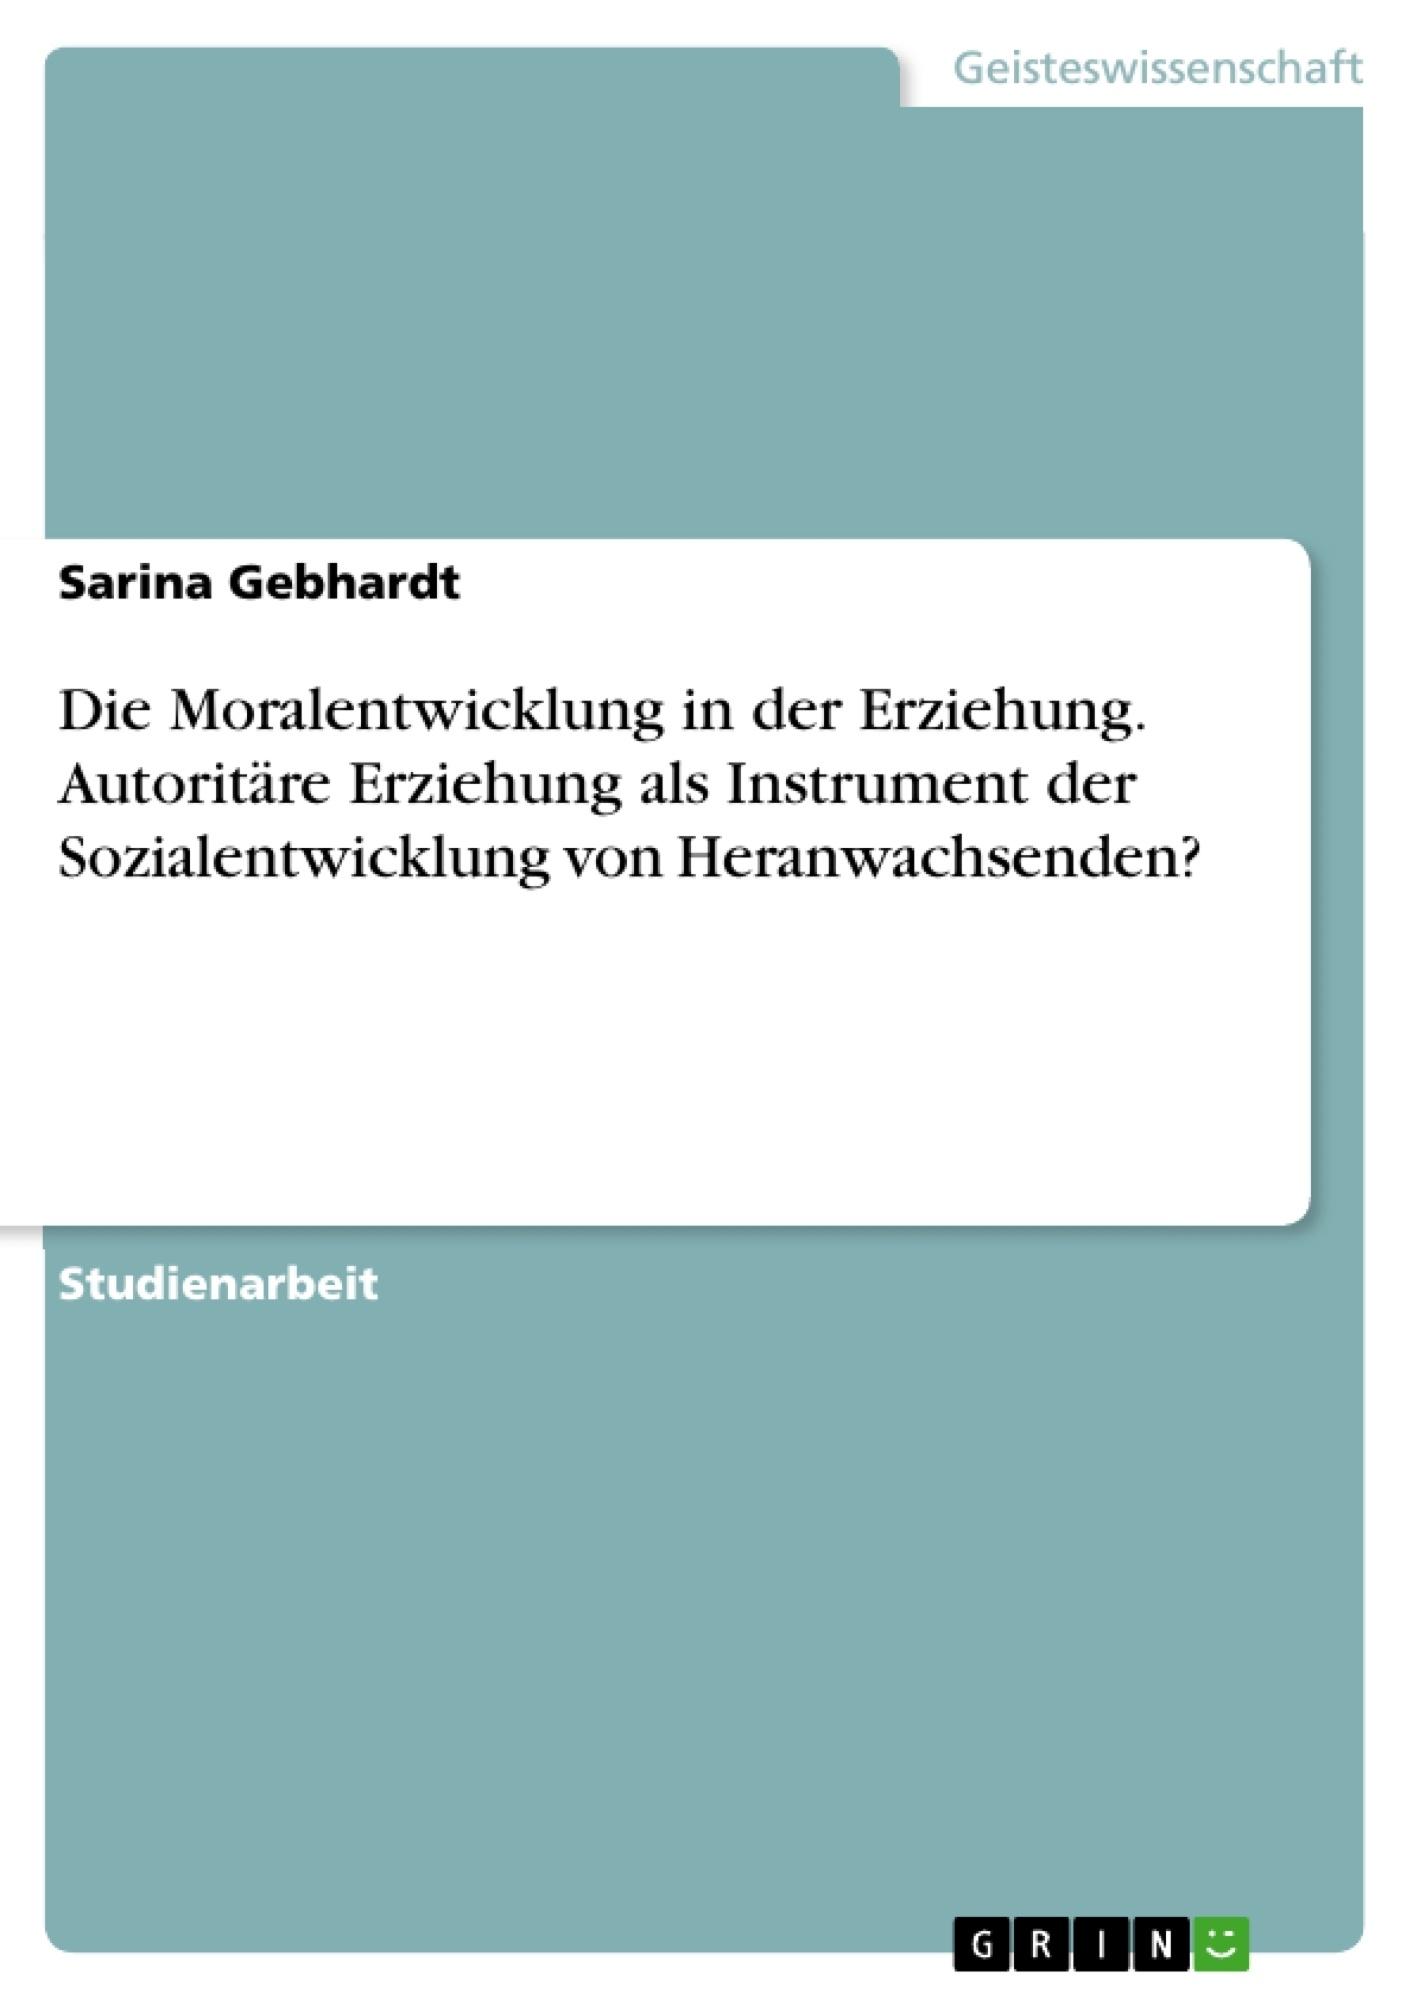 Titel: Die Moralentwicklung in der Erziehung. Autoritäre Erziehung als Instrument der Sozialentwicklung von Heranwachsenden?